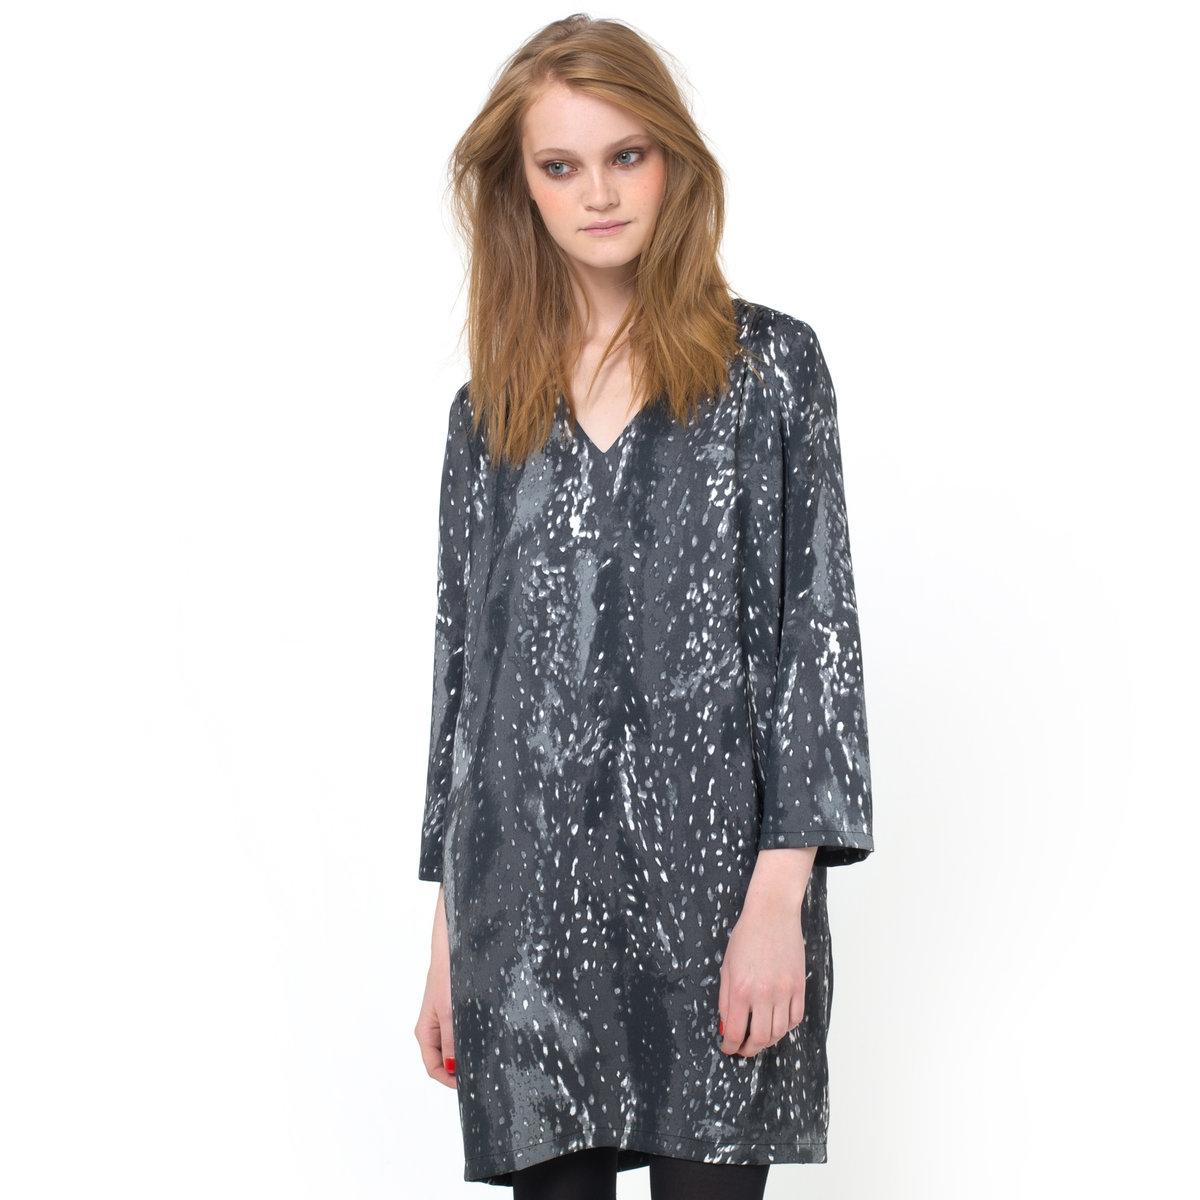 Платье с рисункомПлатье SEE U SOON, 95% полиэстера, 5% эластана. Подкладка из 95% полиэстера, 5% эластана. Рукава 3/4. Карманы по бокам. Небольшие складки на плечах. Длина 85 см.<br><br>Цвет: белый/ черный<br>Размер: 36 (FR) - 42 (RUS)